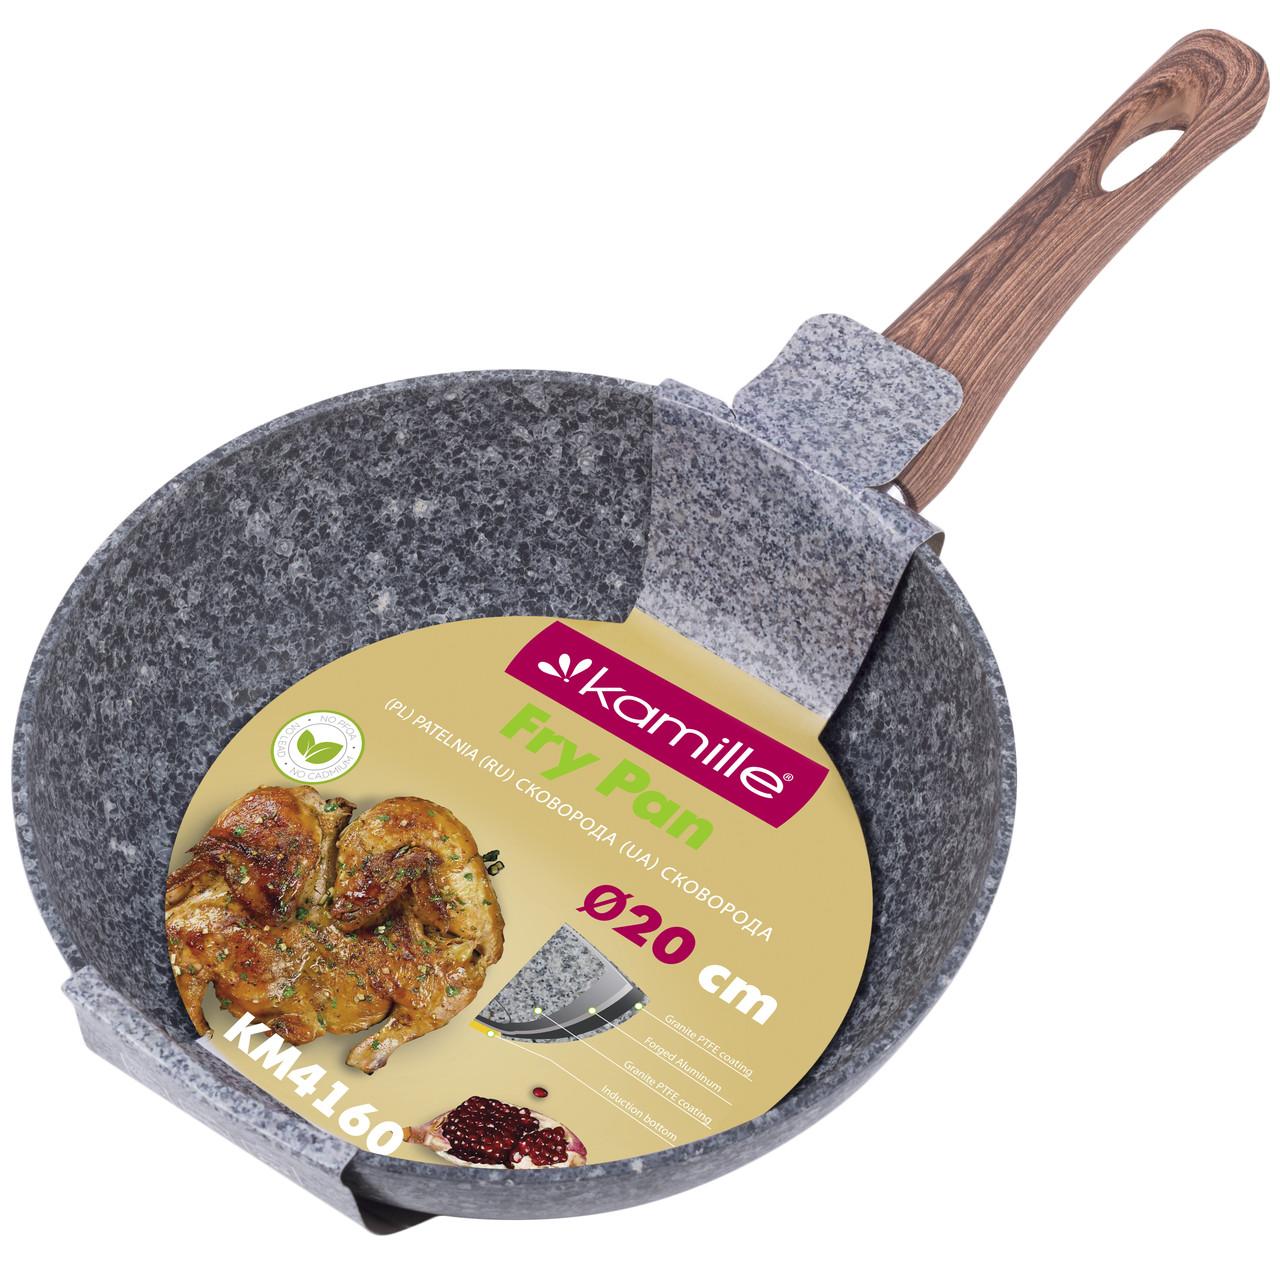 Сковорода Kamille 20см с антипригарным покрытием PTFE из алюминия для индукции и газа KM-4160